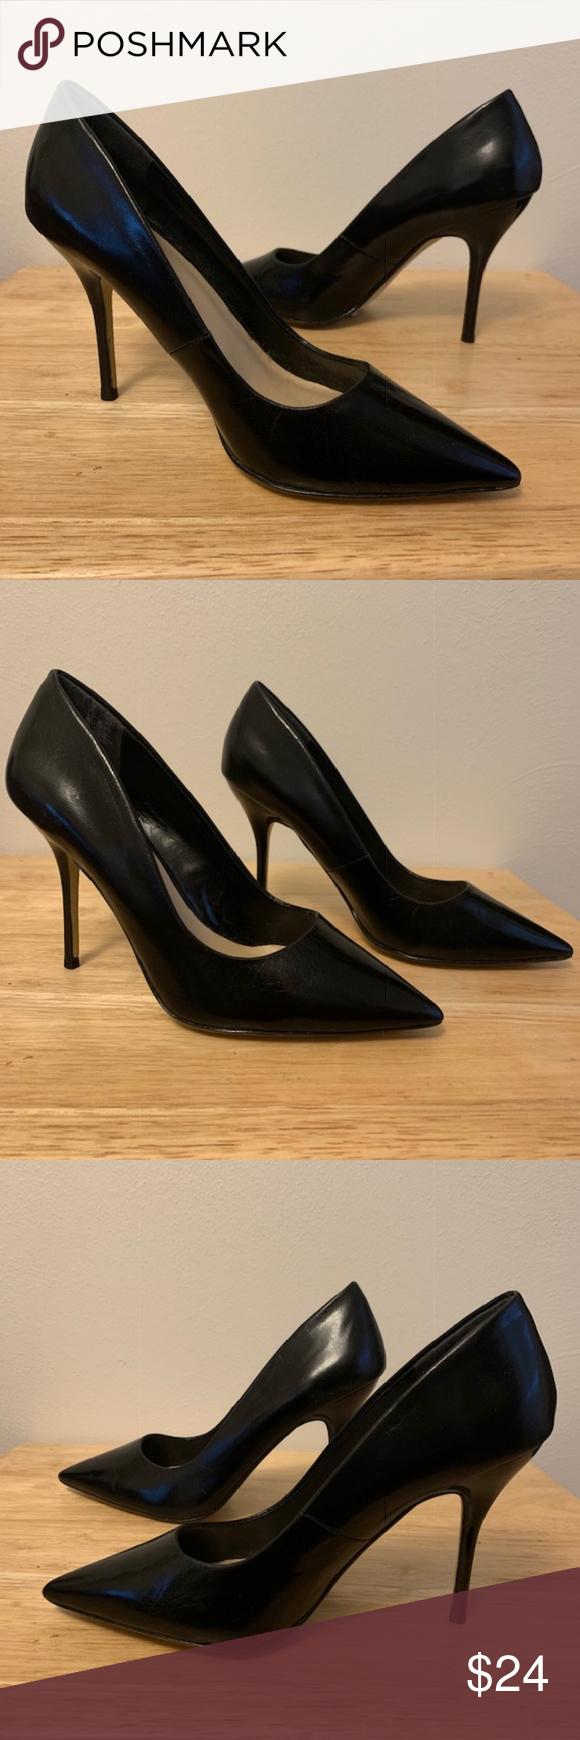 Worthington Black Leather Heels Size 7